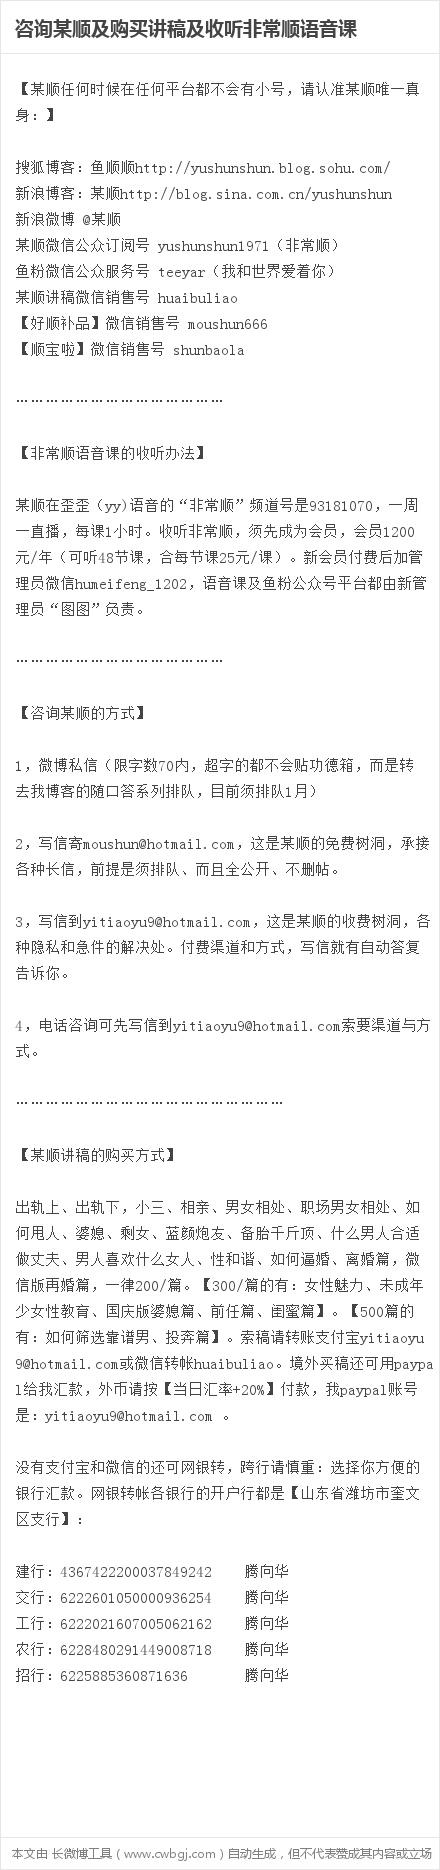 顺口答二二三五 - yushunshun - 鱼顺顺的博客